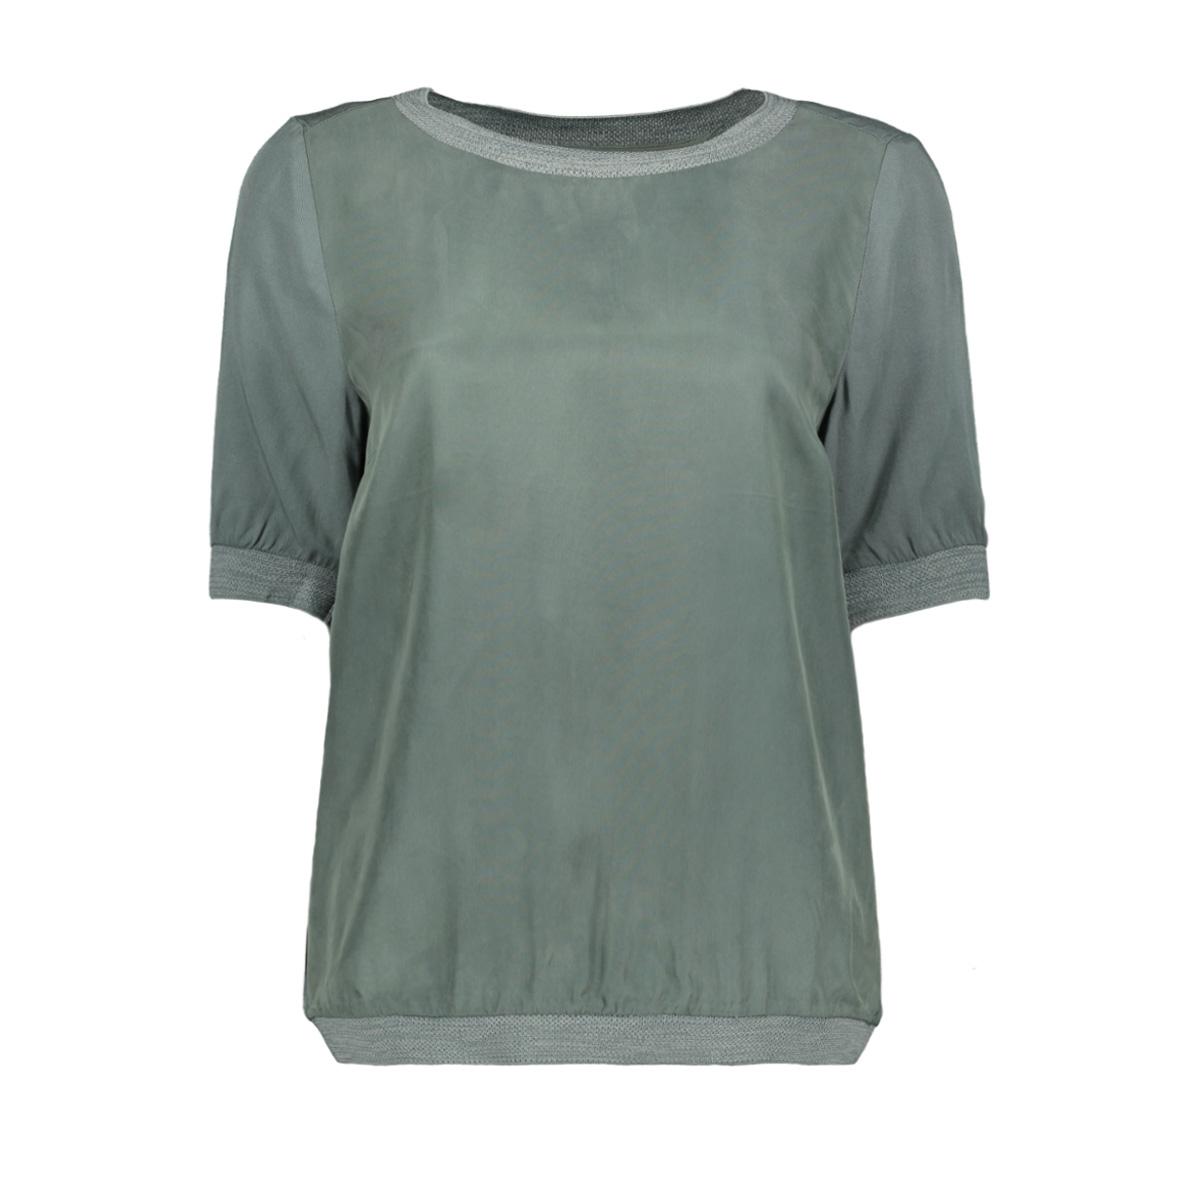 soepel vallende top met geweven boord 22001717 sandwich t-shirt 50044